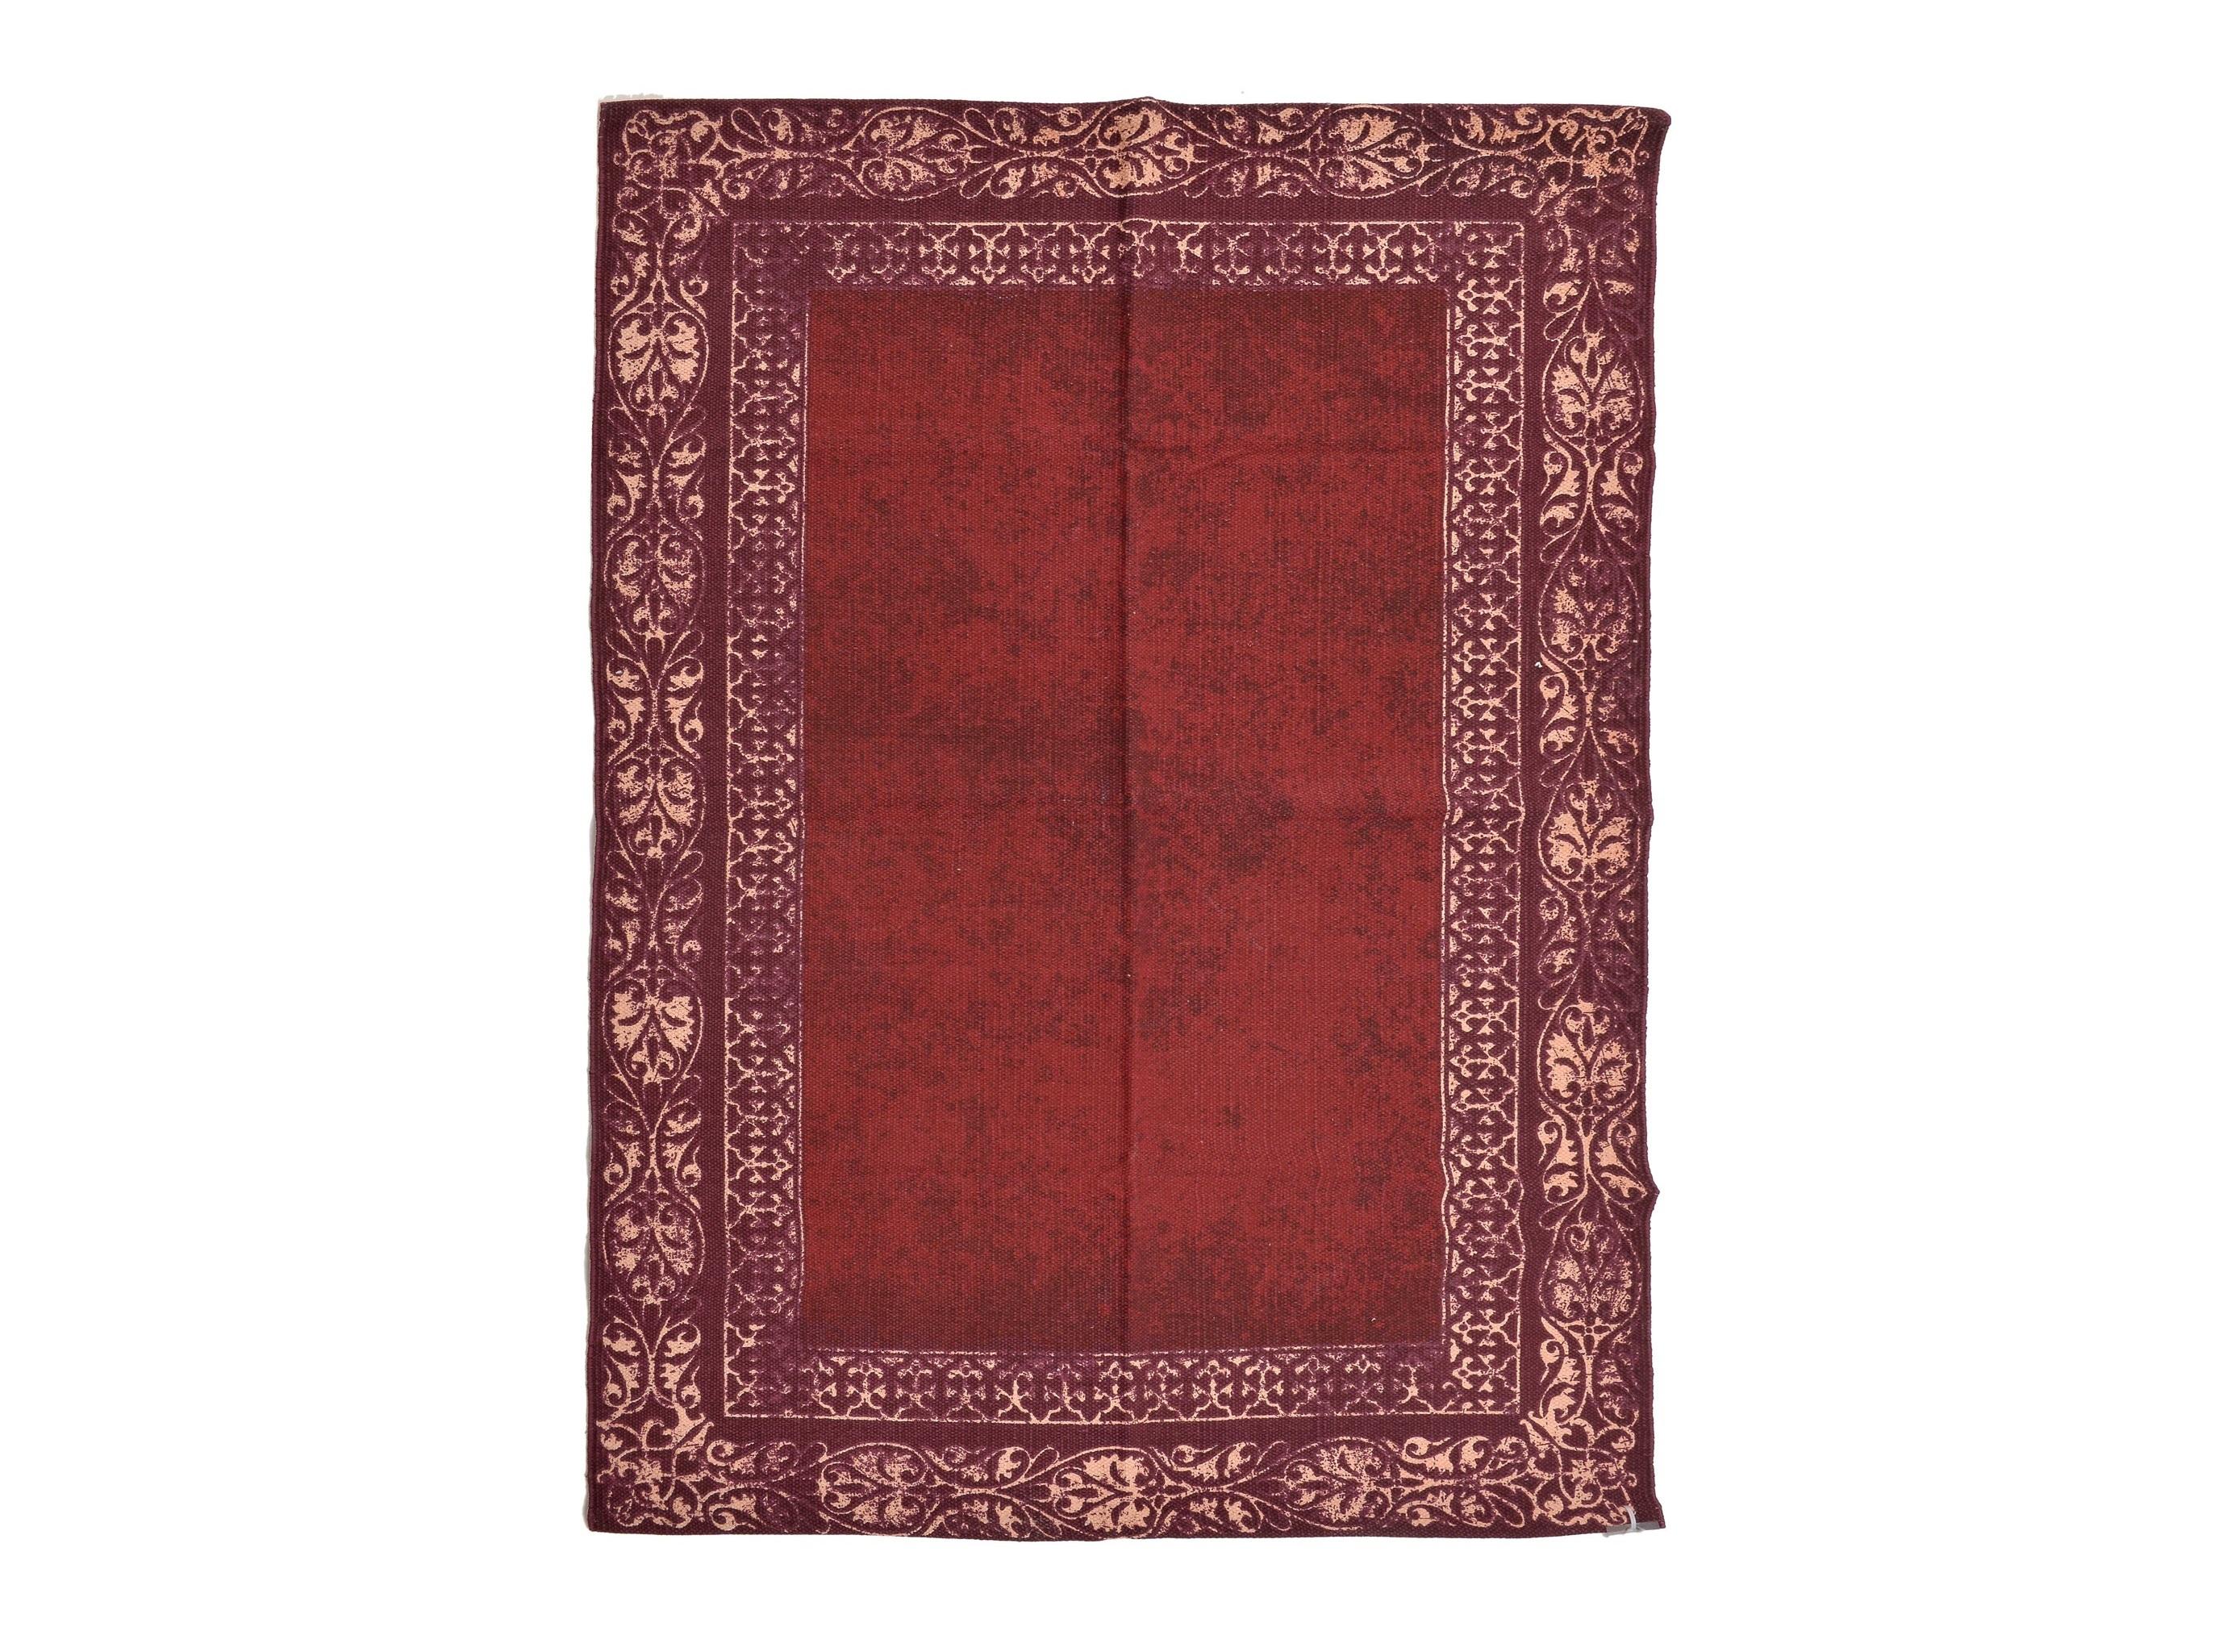 Ковер NilordПрямоугольные ковры<br><br><br>Material: Хлопок<br>Ширина см: 180<br>Высота см: 2<br>Глубина см: 120